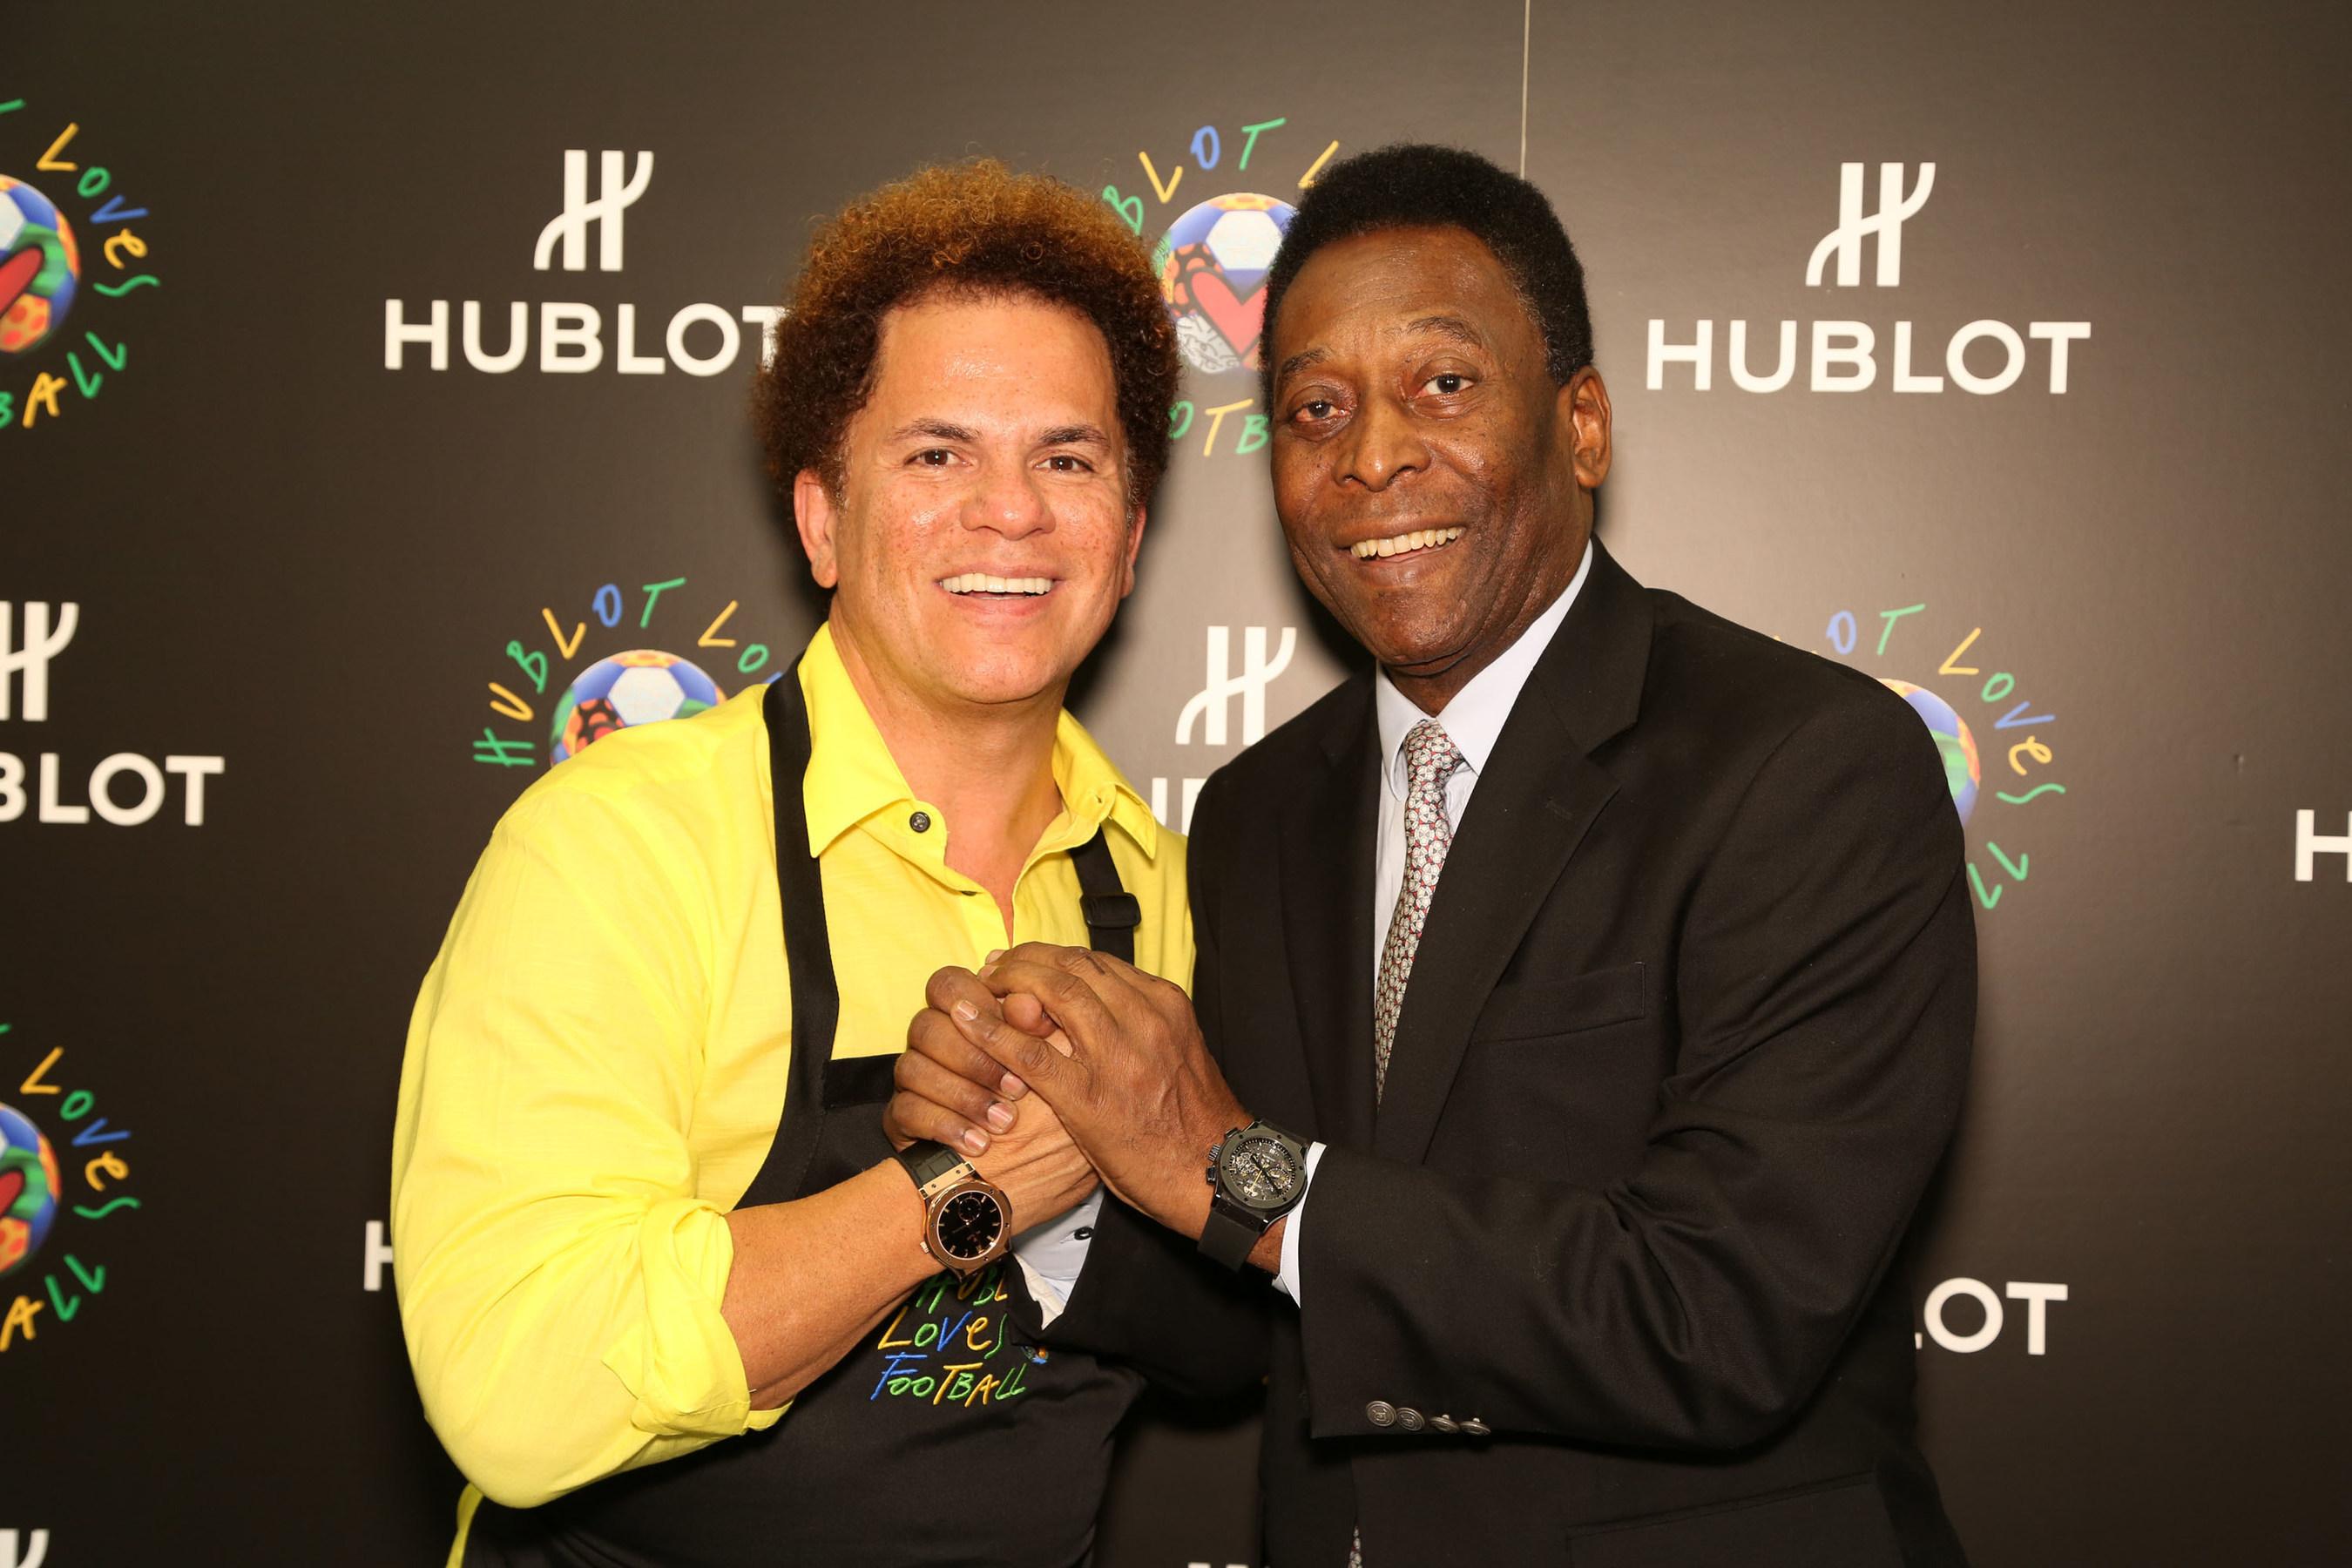 Le roi du Pop Art, Romero Britto, nommé ambassadeur des Jeux Olympiques de Rio 2016